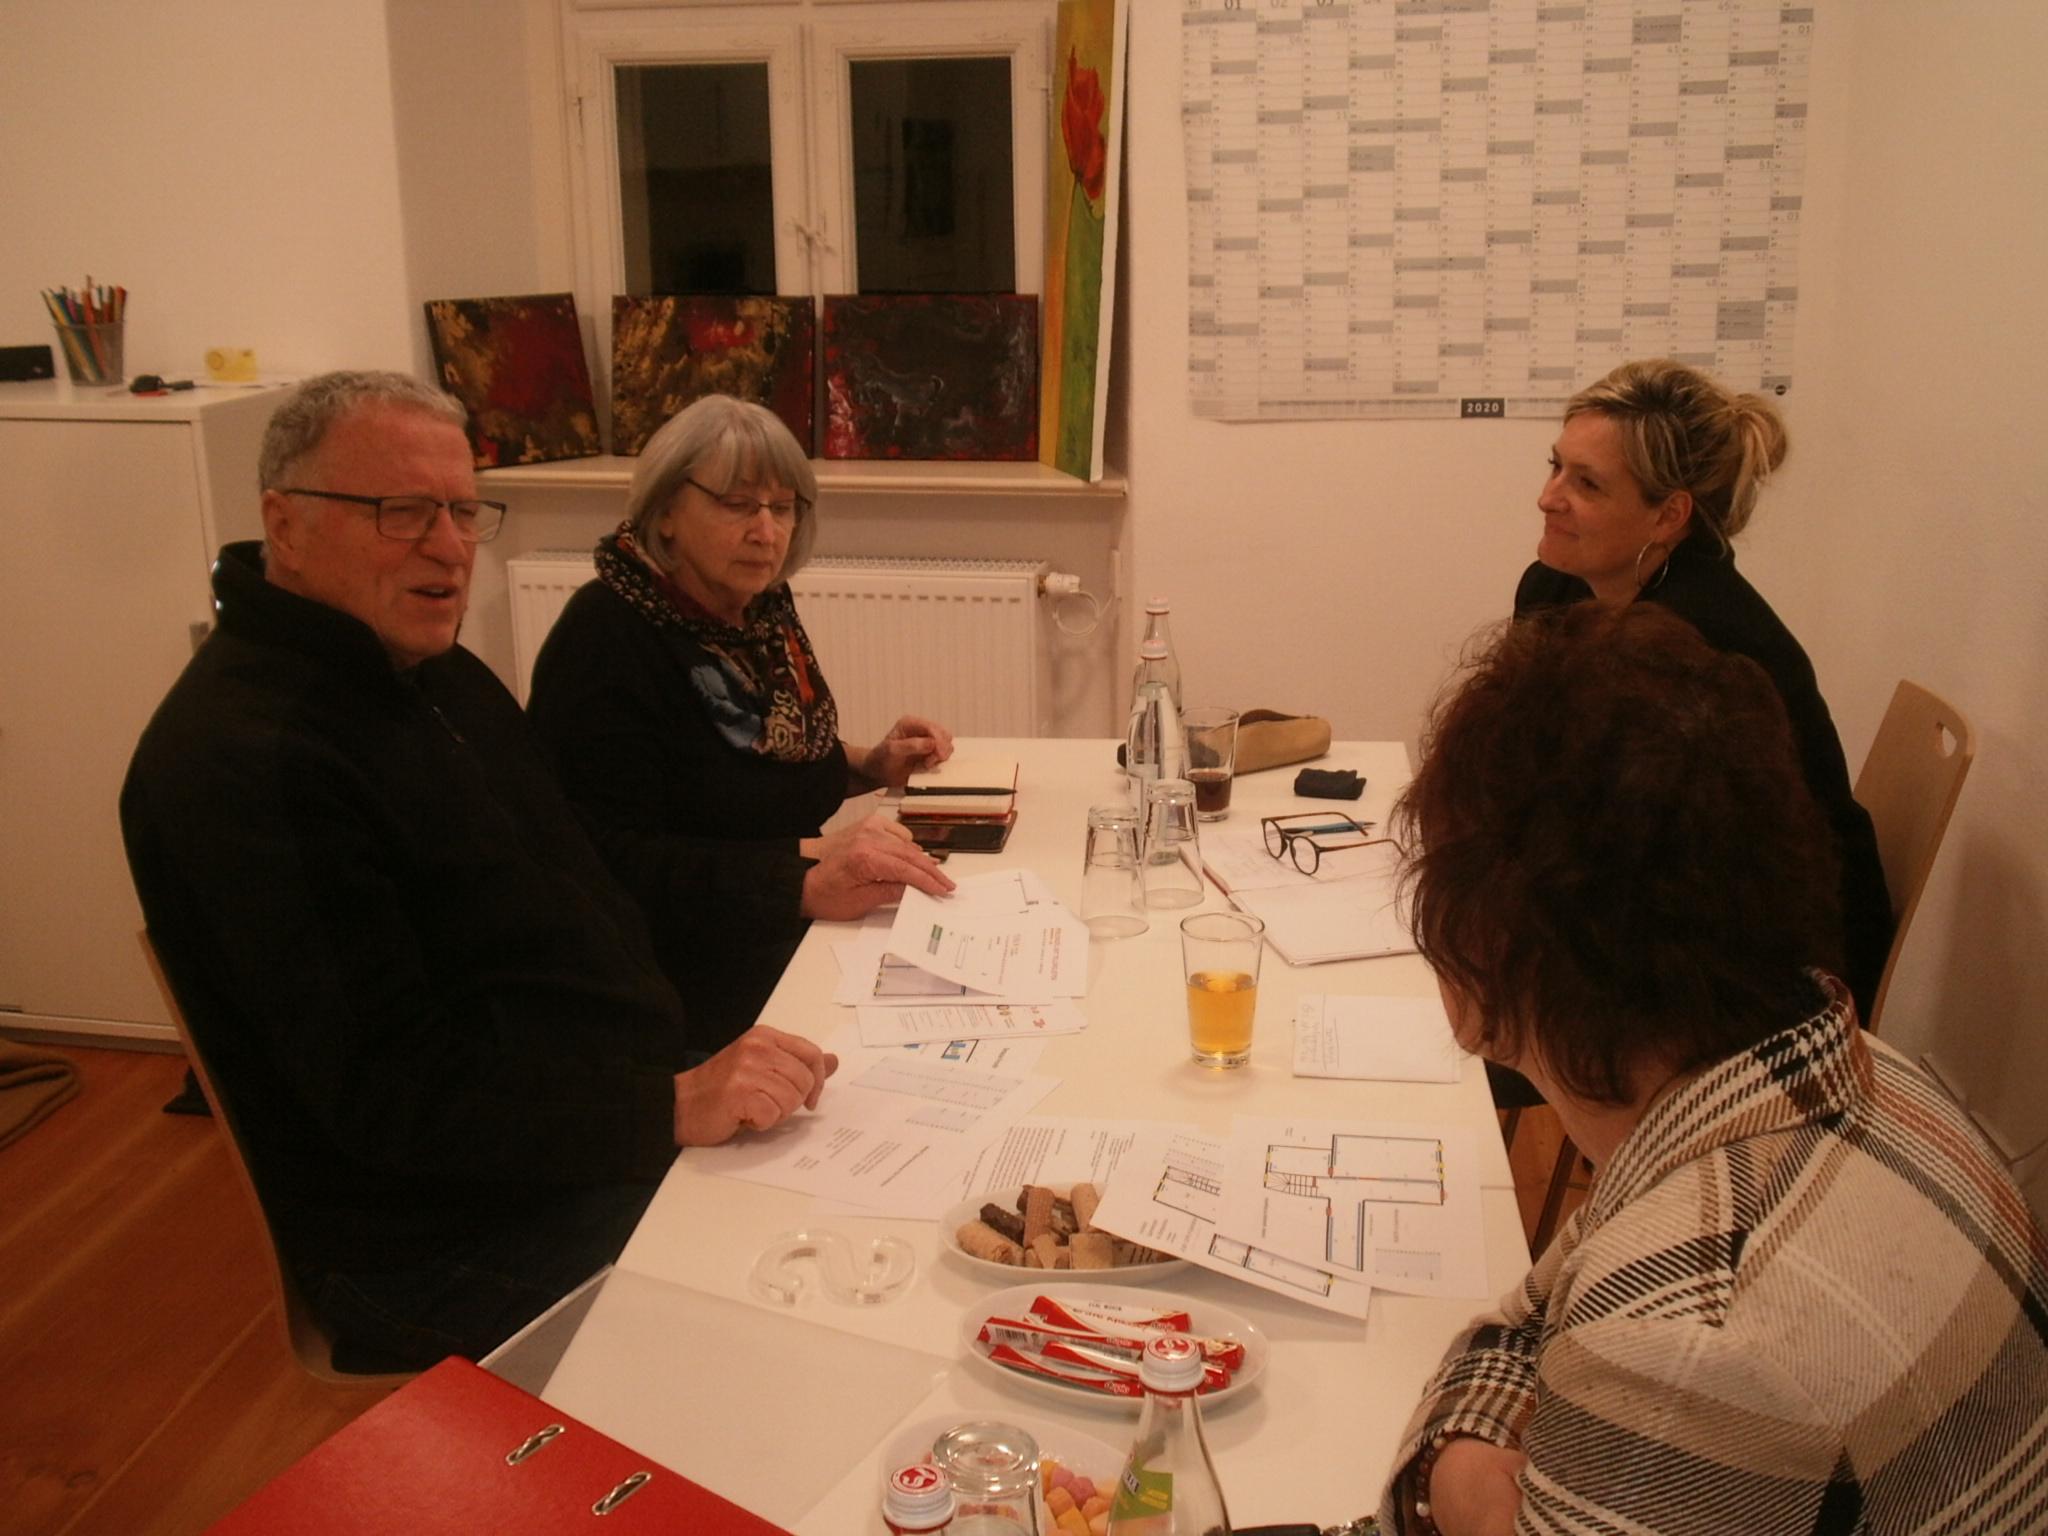 Mit der städtischen Fronfeste-Koordinatorin Elke Reinhart besprachen KVU-Vorstandsmitglieder die ersten Vereinsaktivitäten im neuen Domizil